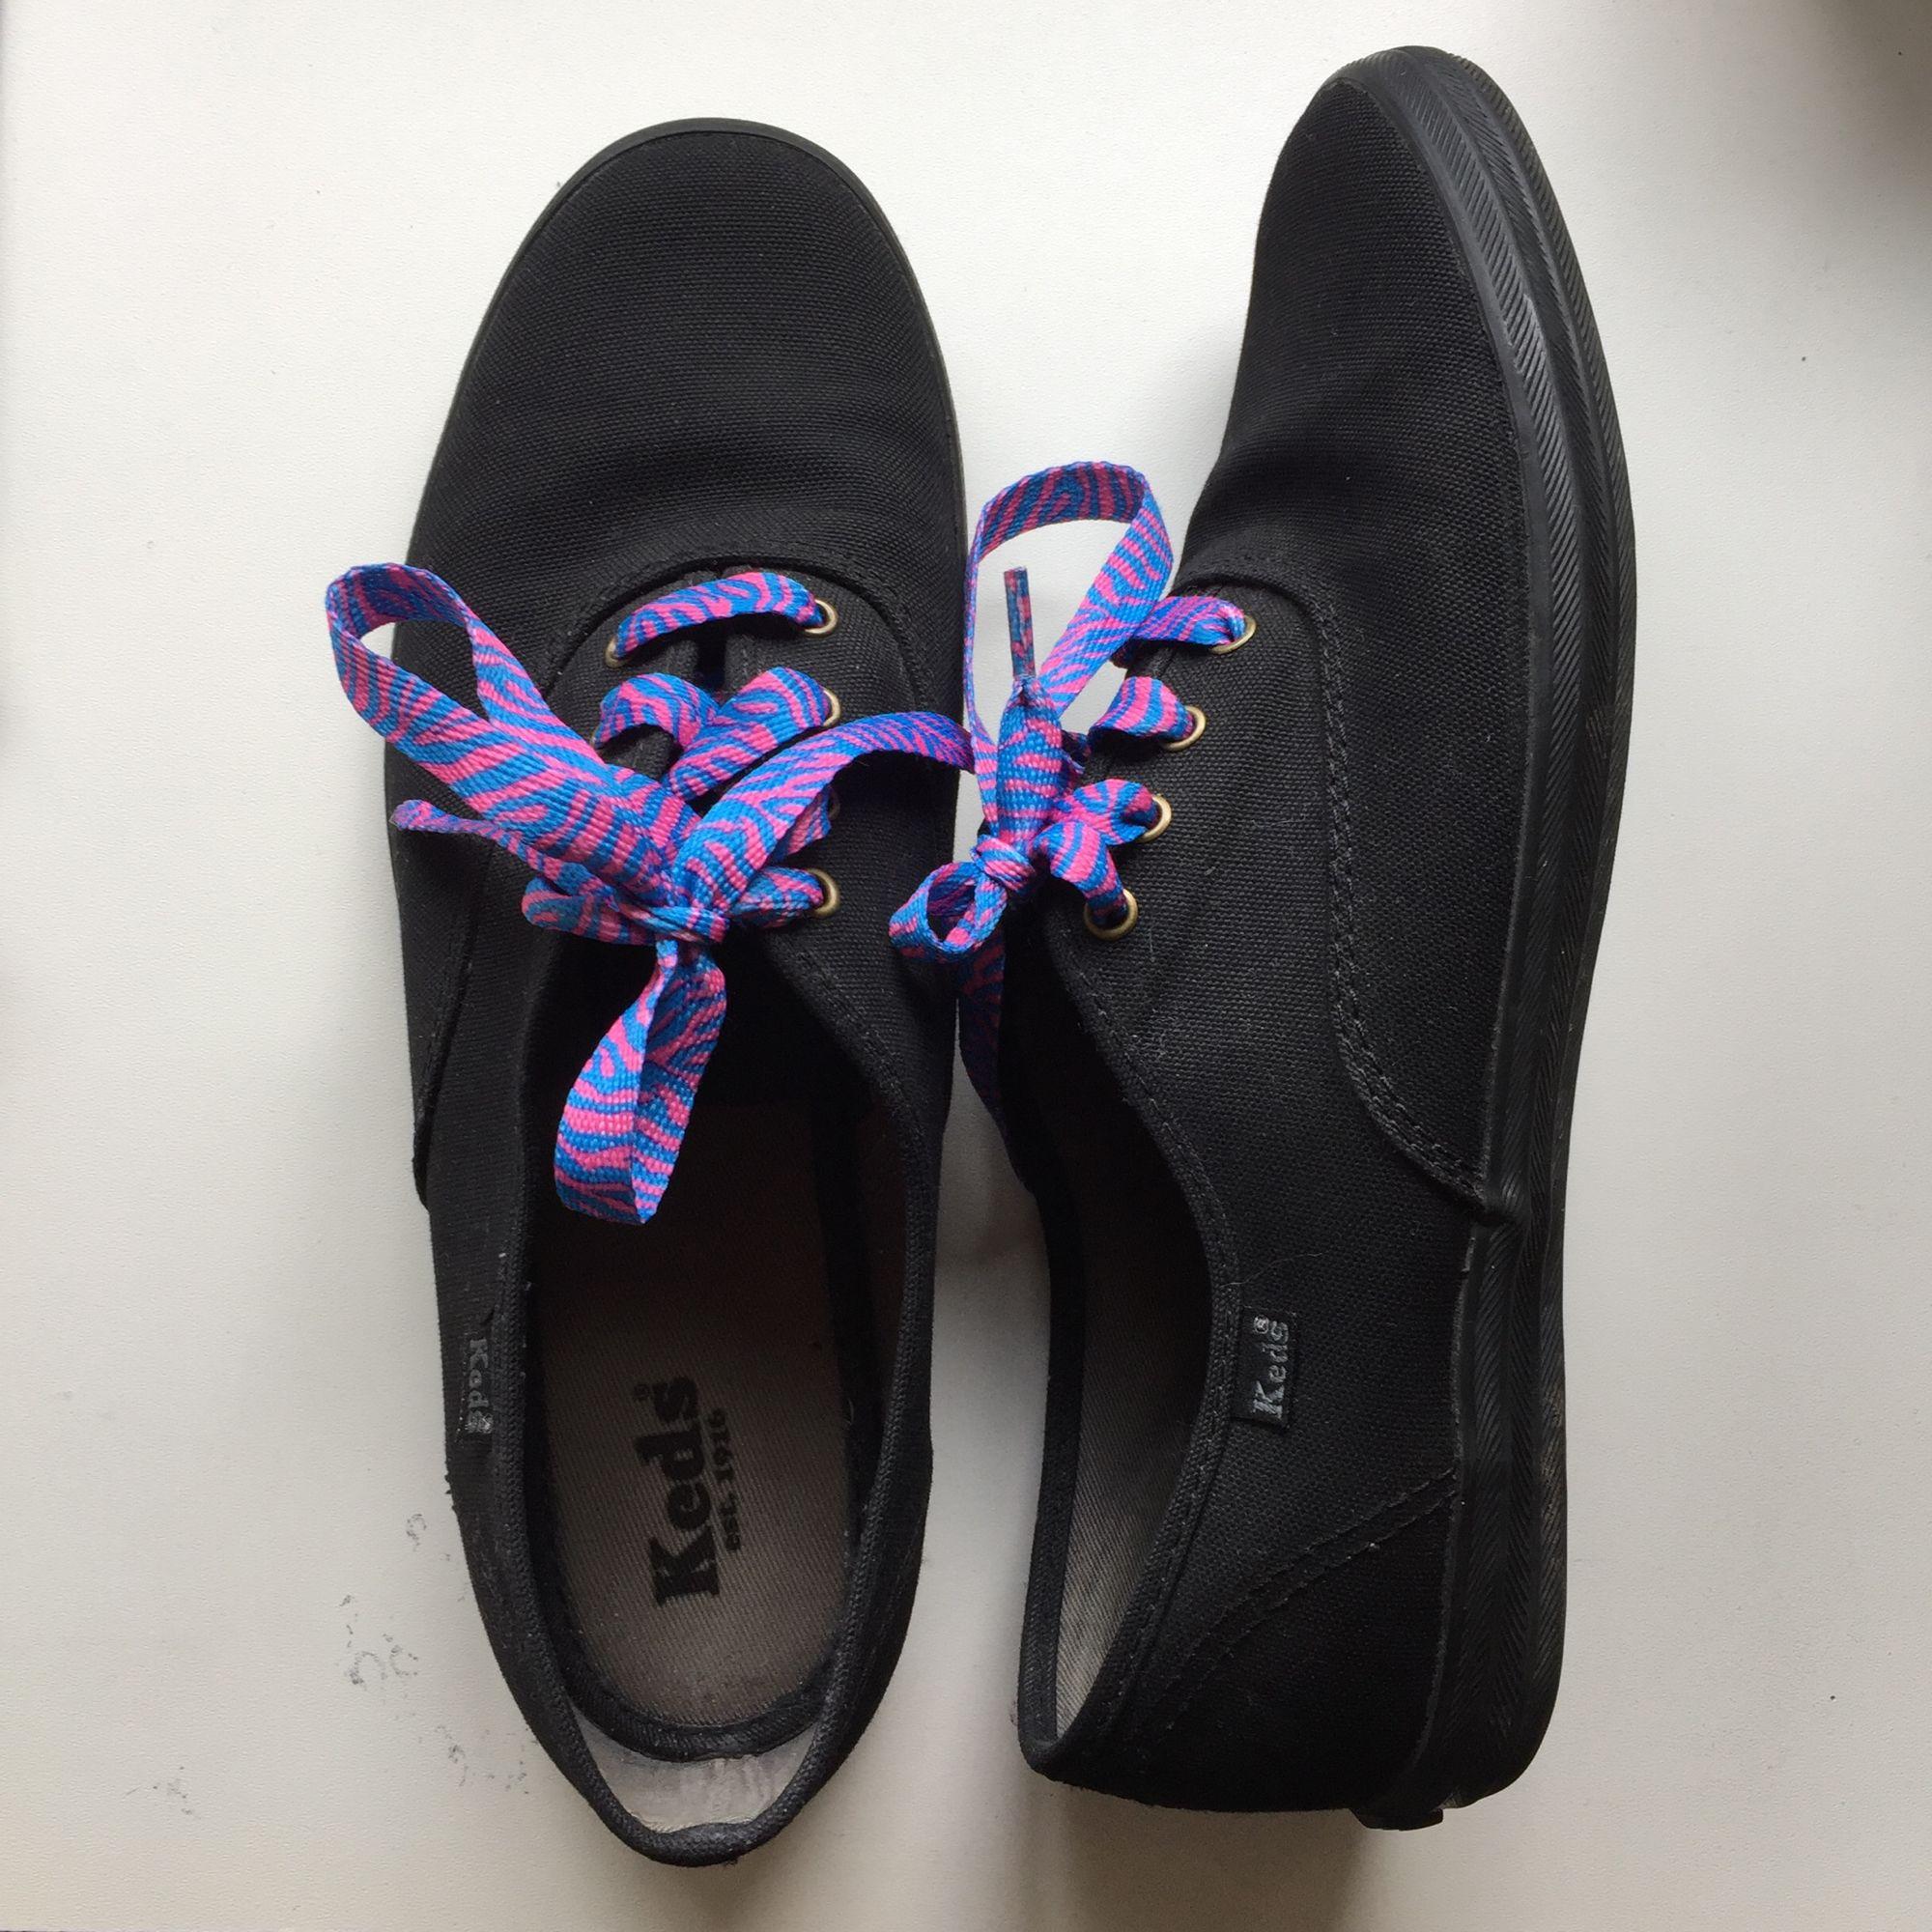 ... Klassiska svarta Keds tygskor i storlek 40. Har egentligen ett par  svarta skosnören men ett ... 245085aaeae68